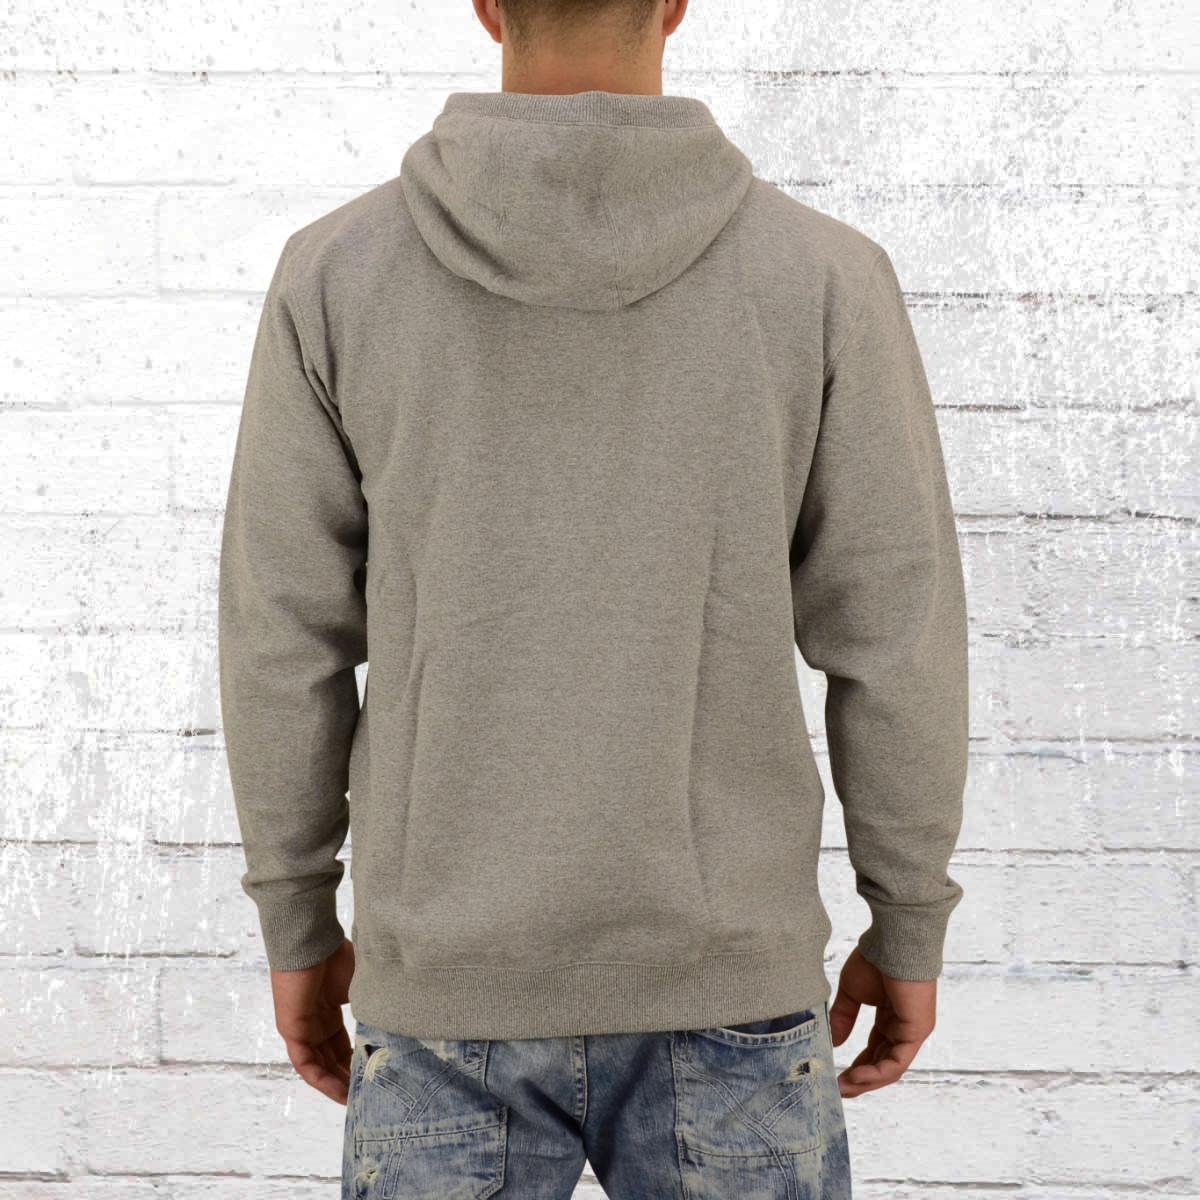 jetzt bestellen vans herren kapuzen sweatshirt classic. Black Bedroom Furniture Sets. Home Design Ideas